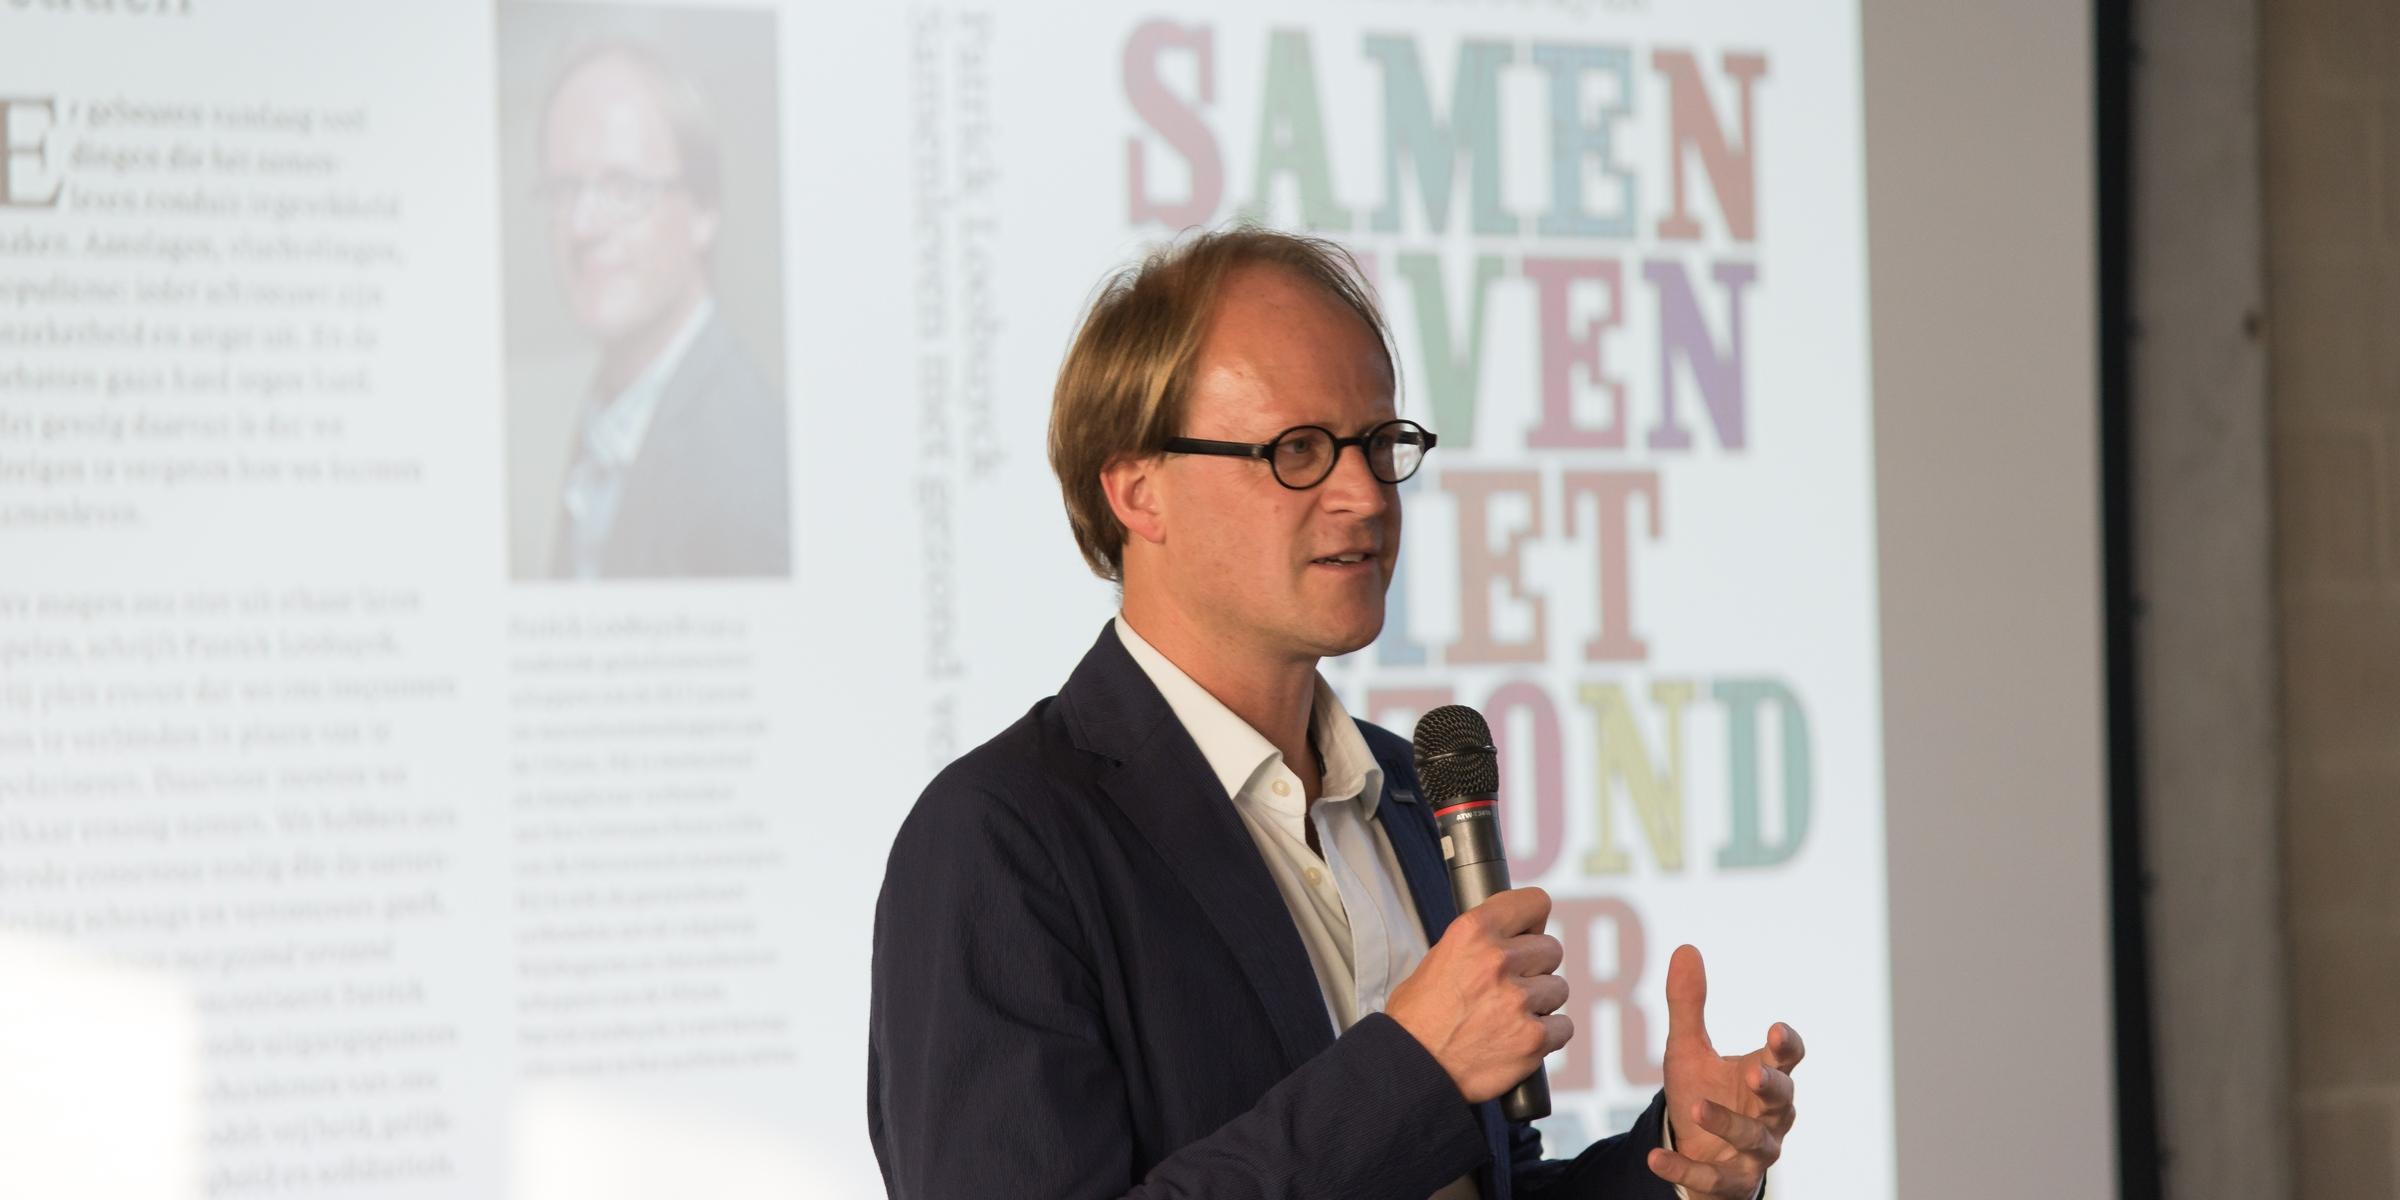 """Patrick Loobuyck presenteert bij Liberales Gent zijn boek """"Samenleven met gezond verstand"""" (Foto: Jozef Van Giel)"""